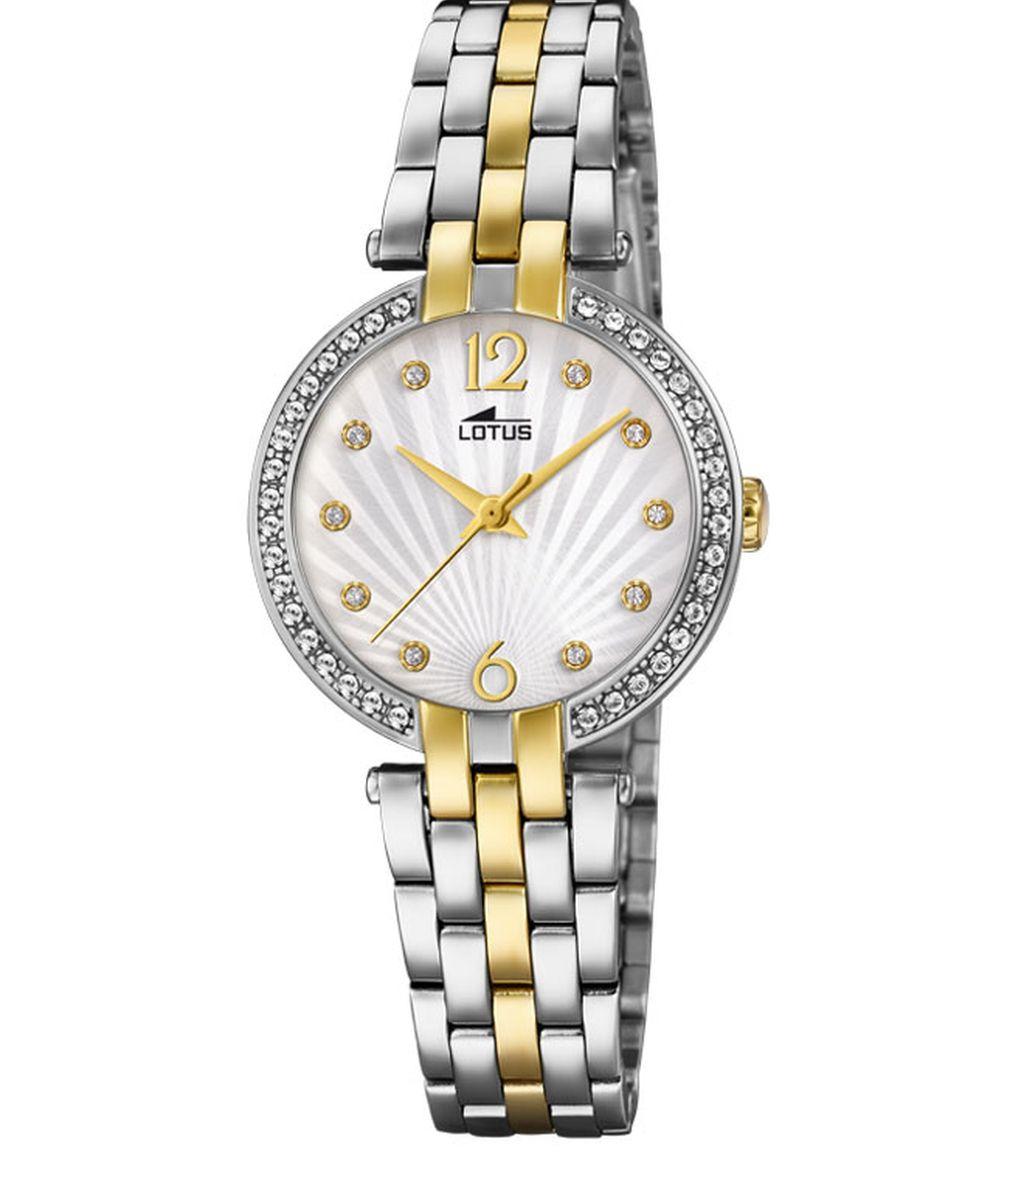 ¡Participa en nuestro concurso y llévate tu reloj Lotus para mujer favorito!